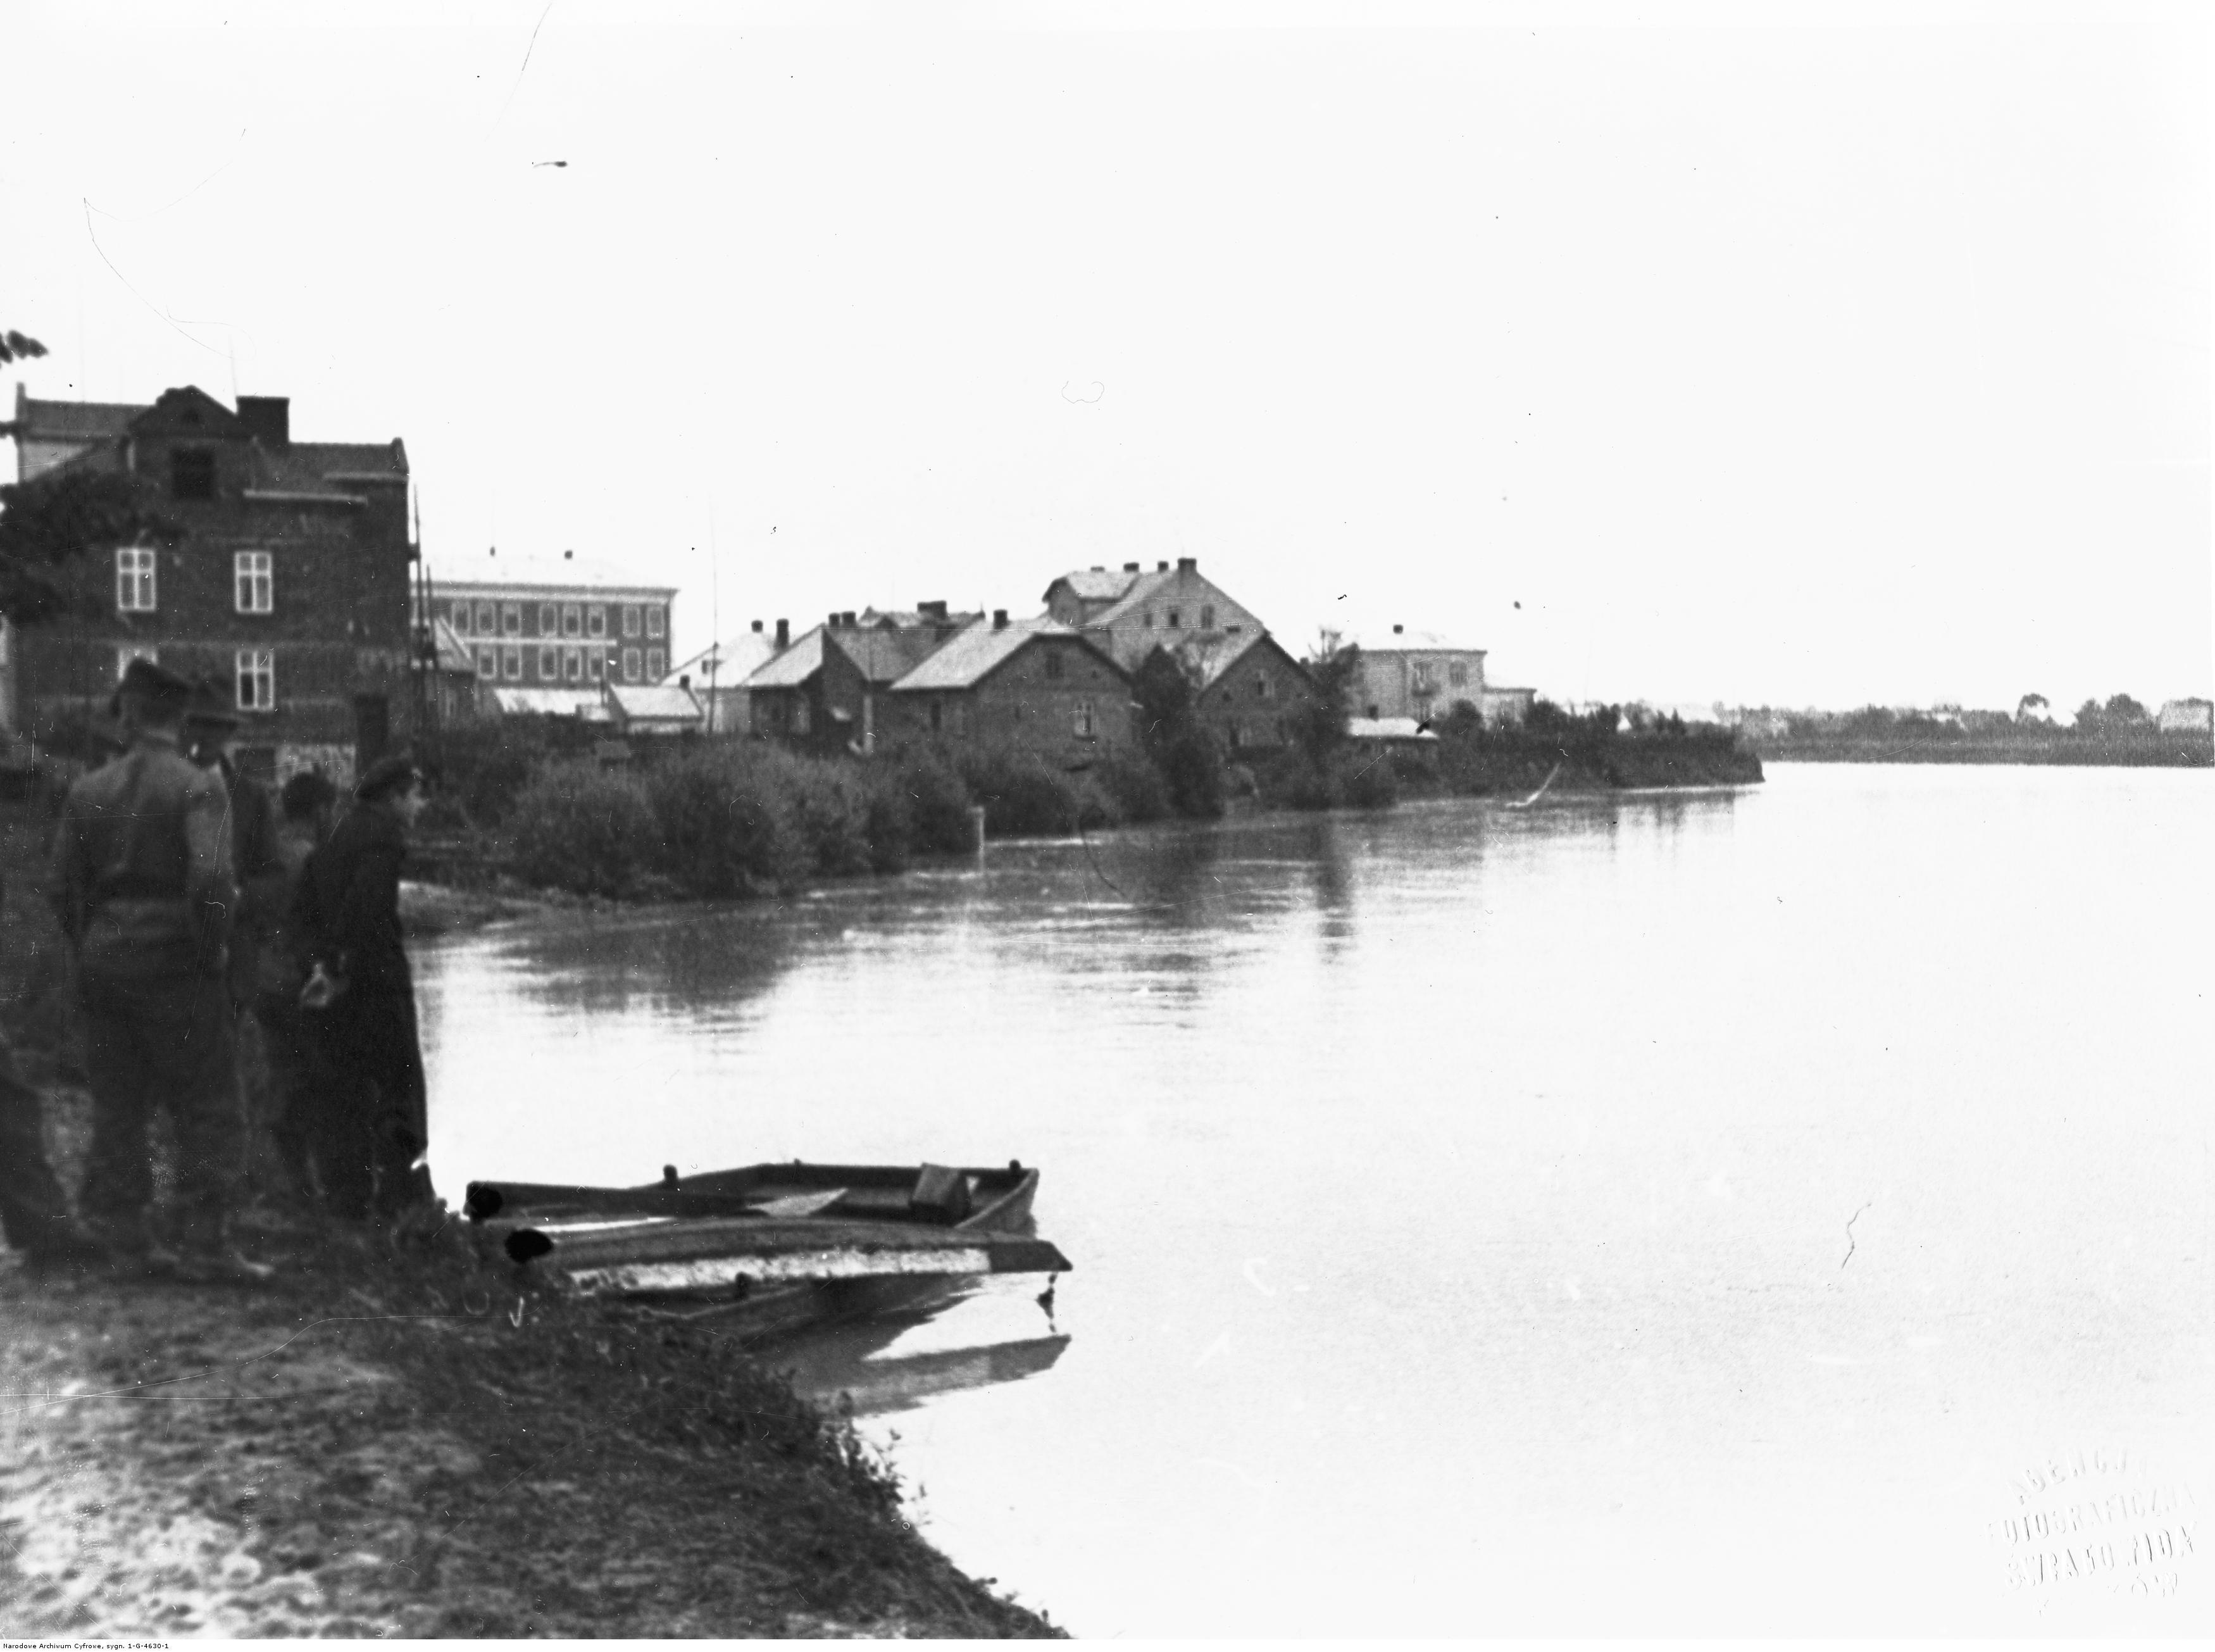 Powódź w Rzeszowie. Grupa mężczyzn nad brzegiem Wisłoka, rok 1934-07